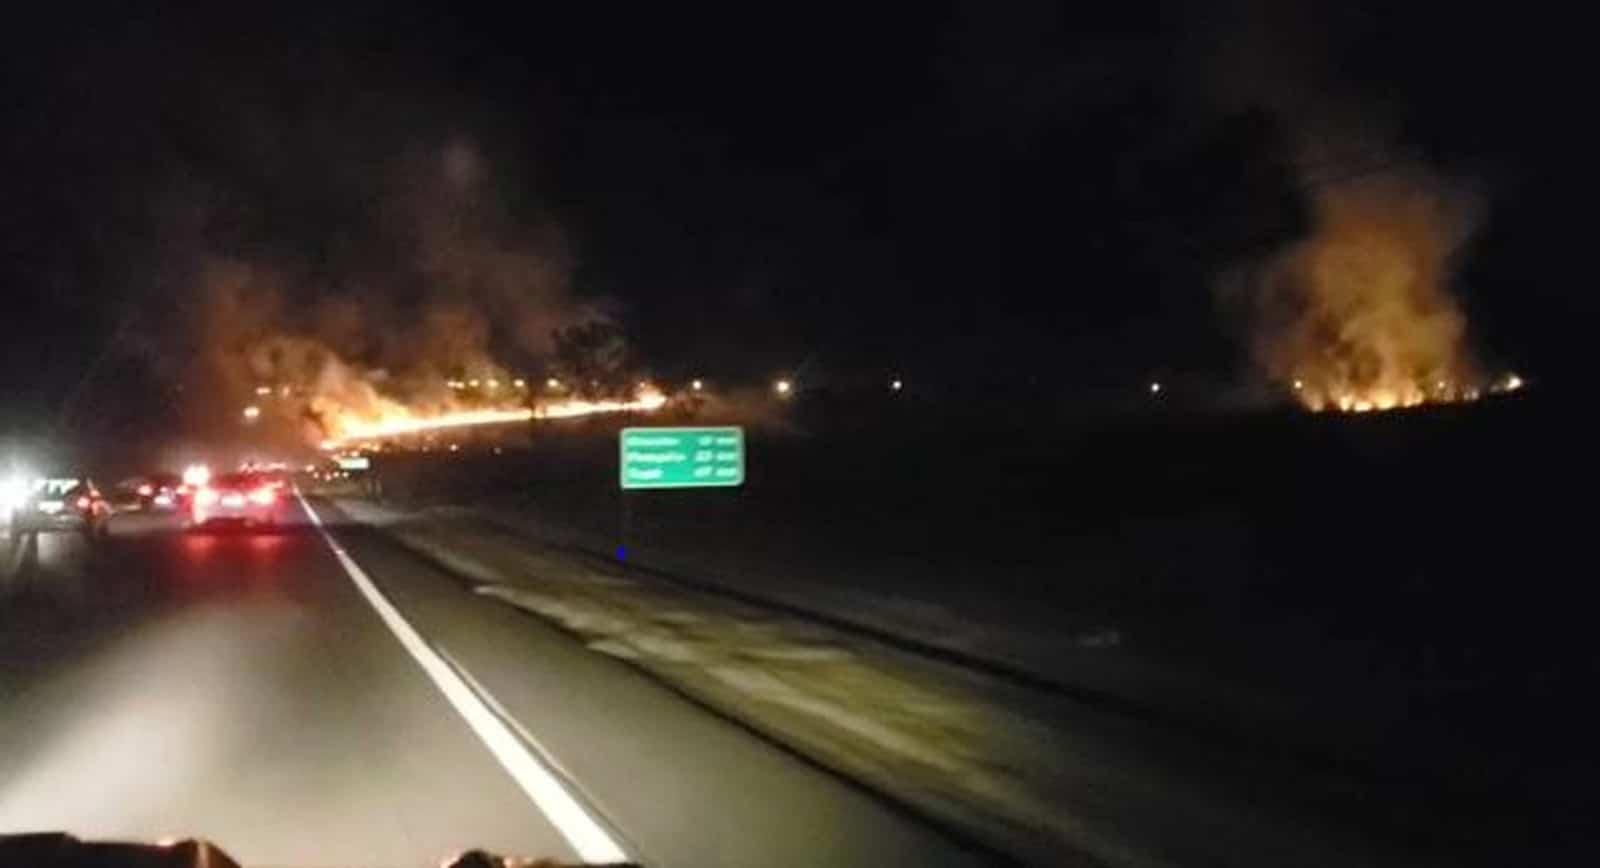 Trecho da Comandante João Ribeiro de Barros foi prejudicado por incêndio. — Foto: Claúdio Farneres/TV TEM